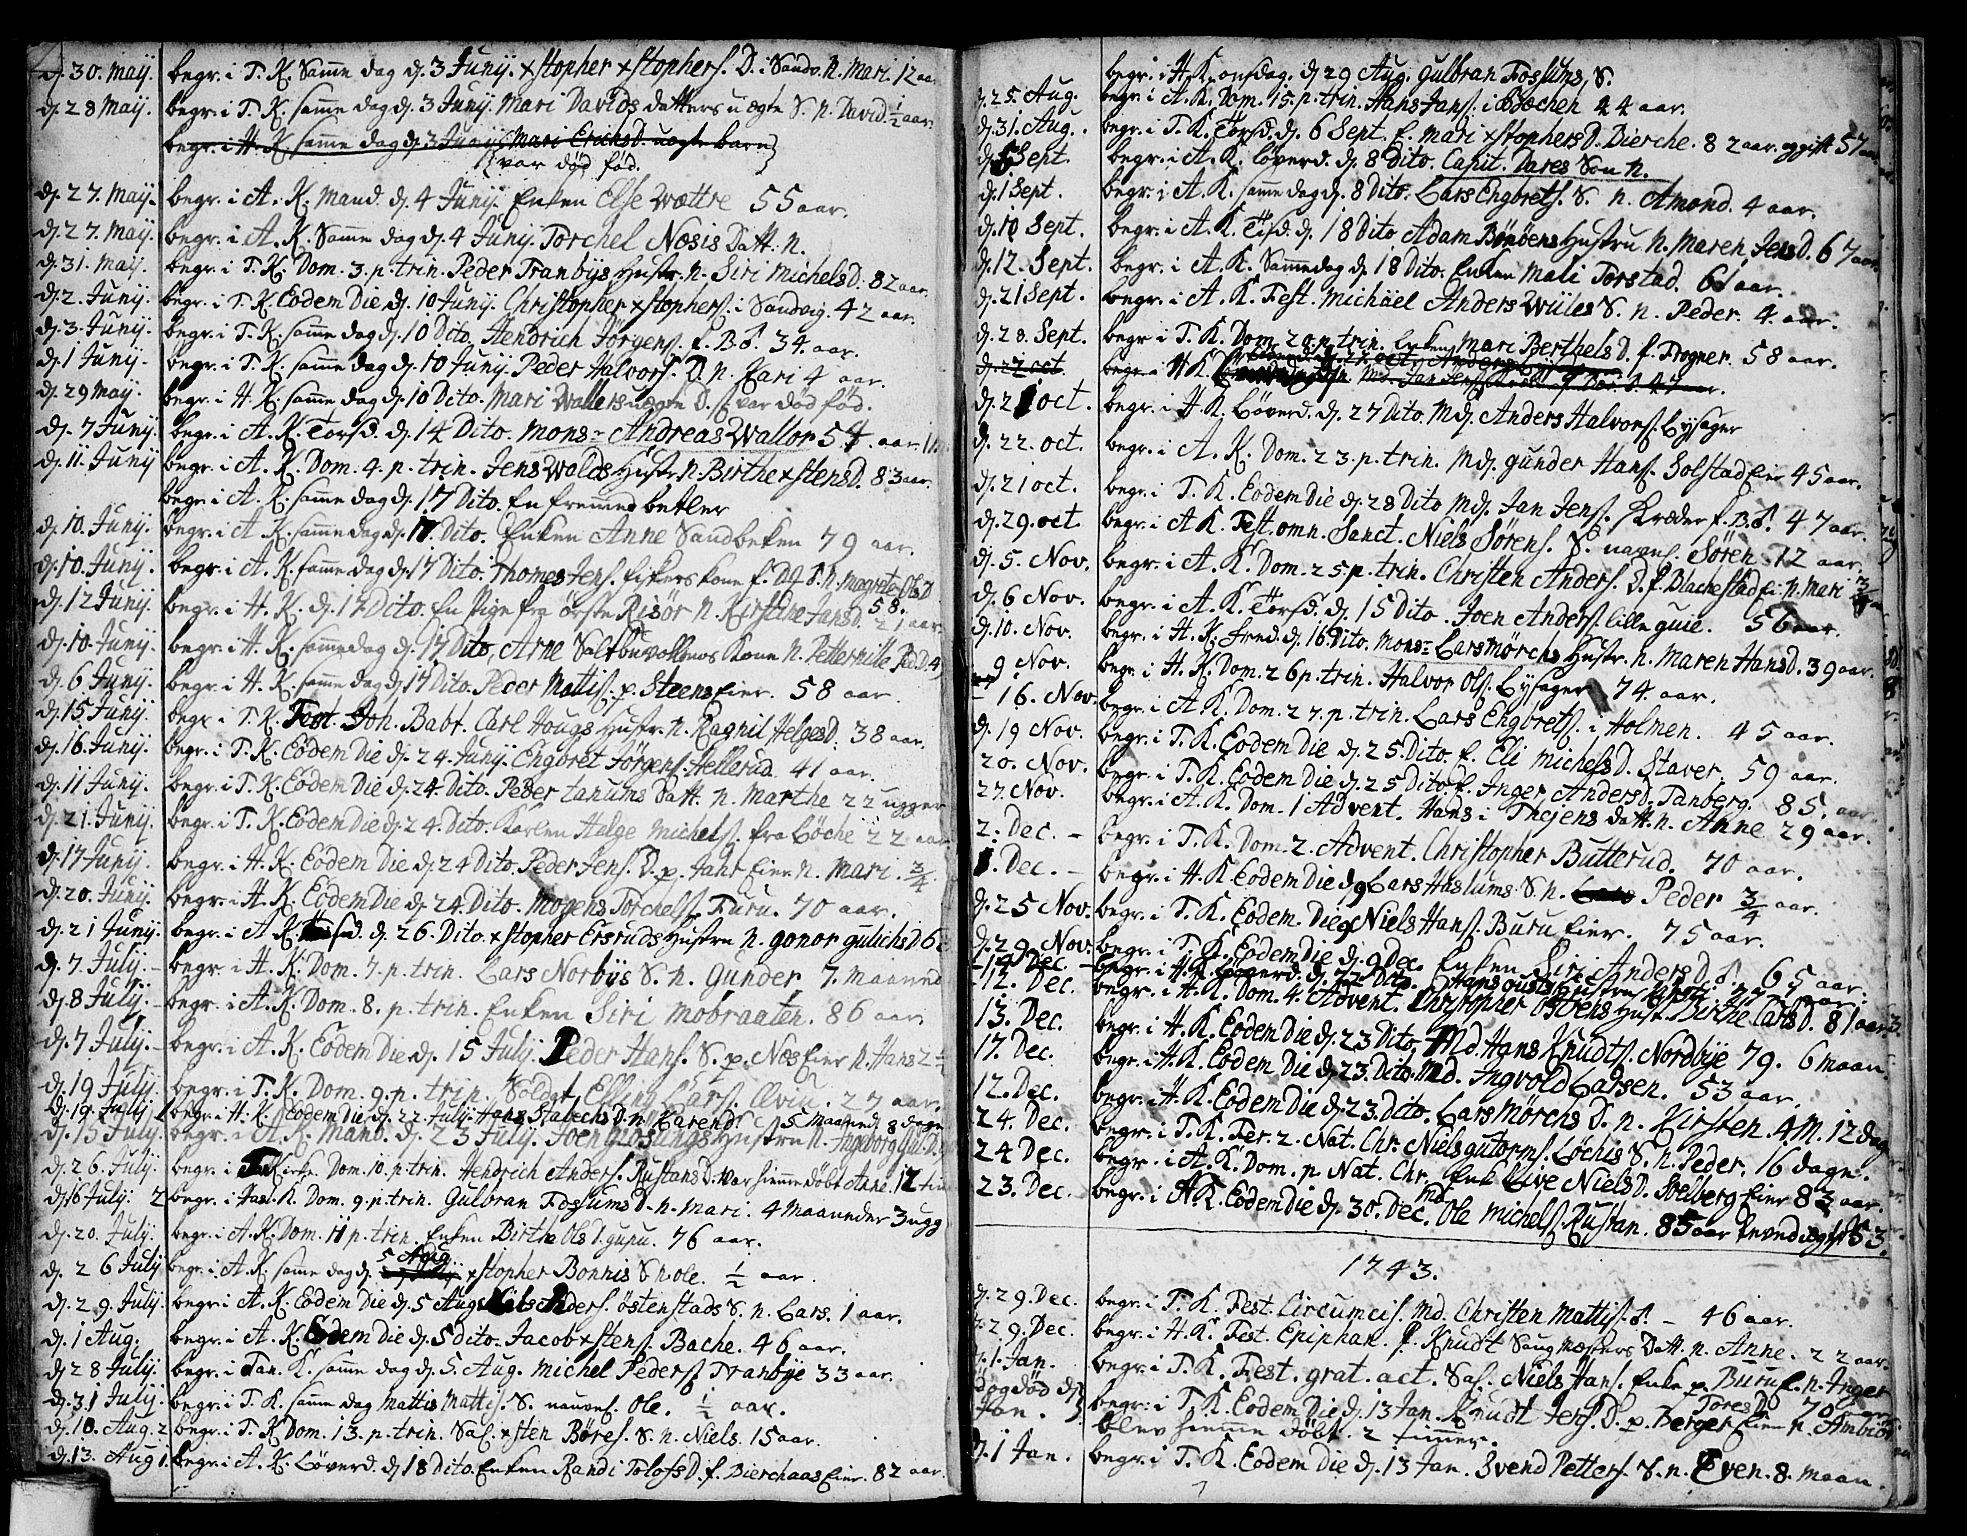 SAO, Asker prestekontor Kirkebøker, F/Fa/L0001: Ministerialbok nr. I 1, 1726-1744, s. 110